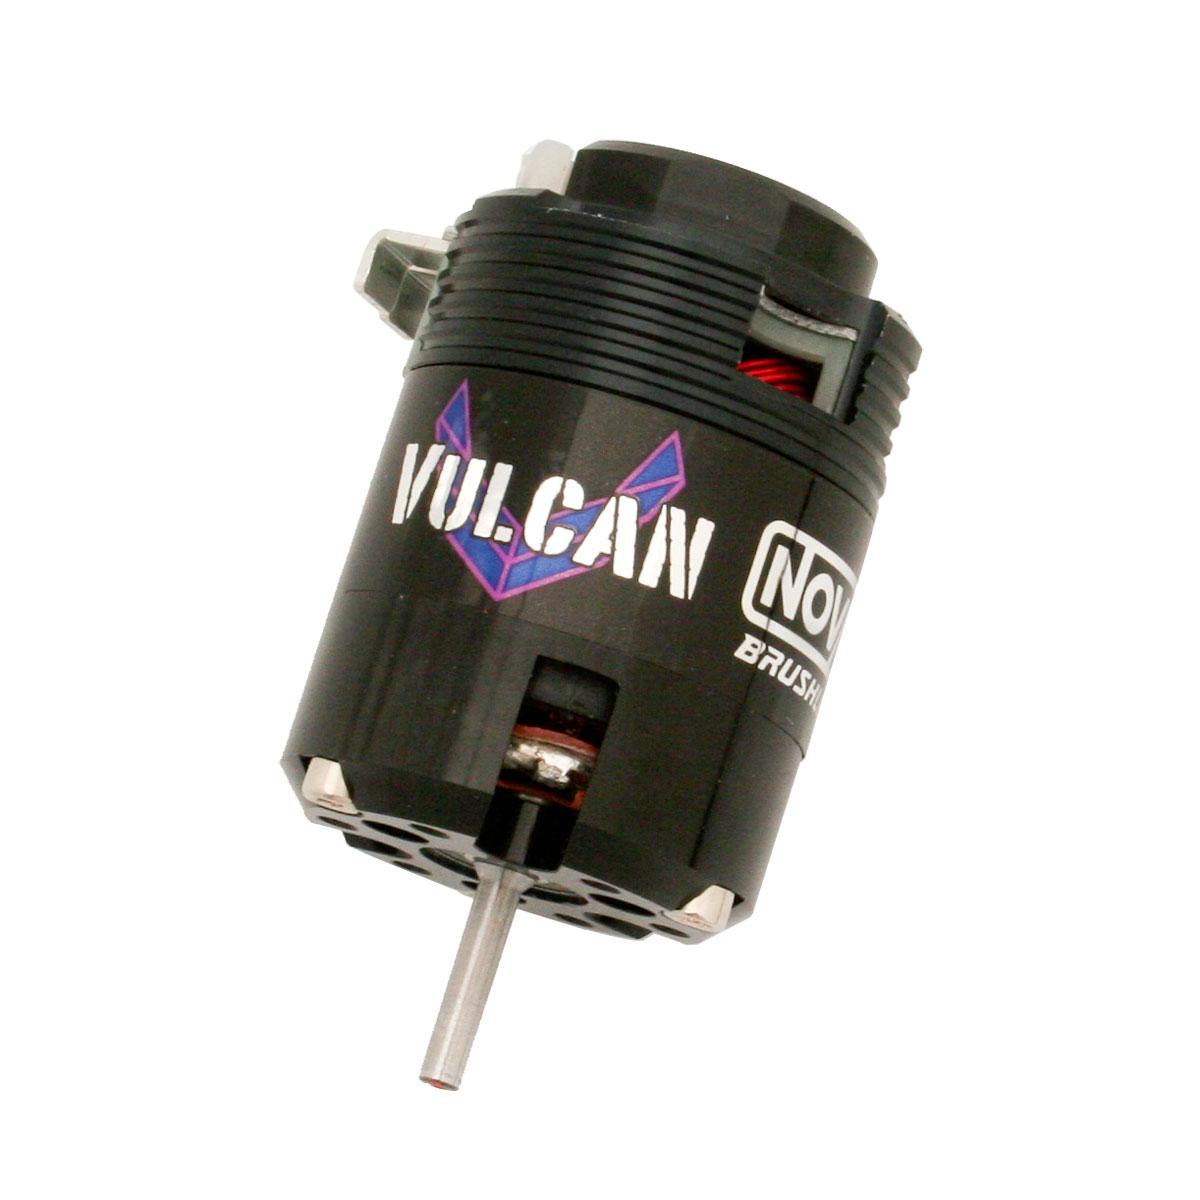 イーグル ノバック・バルカン・アウトローBLモーター10.5T (センサー付) 品番NV3630